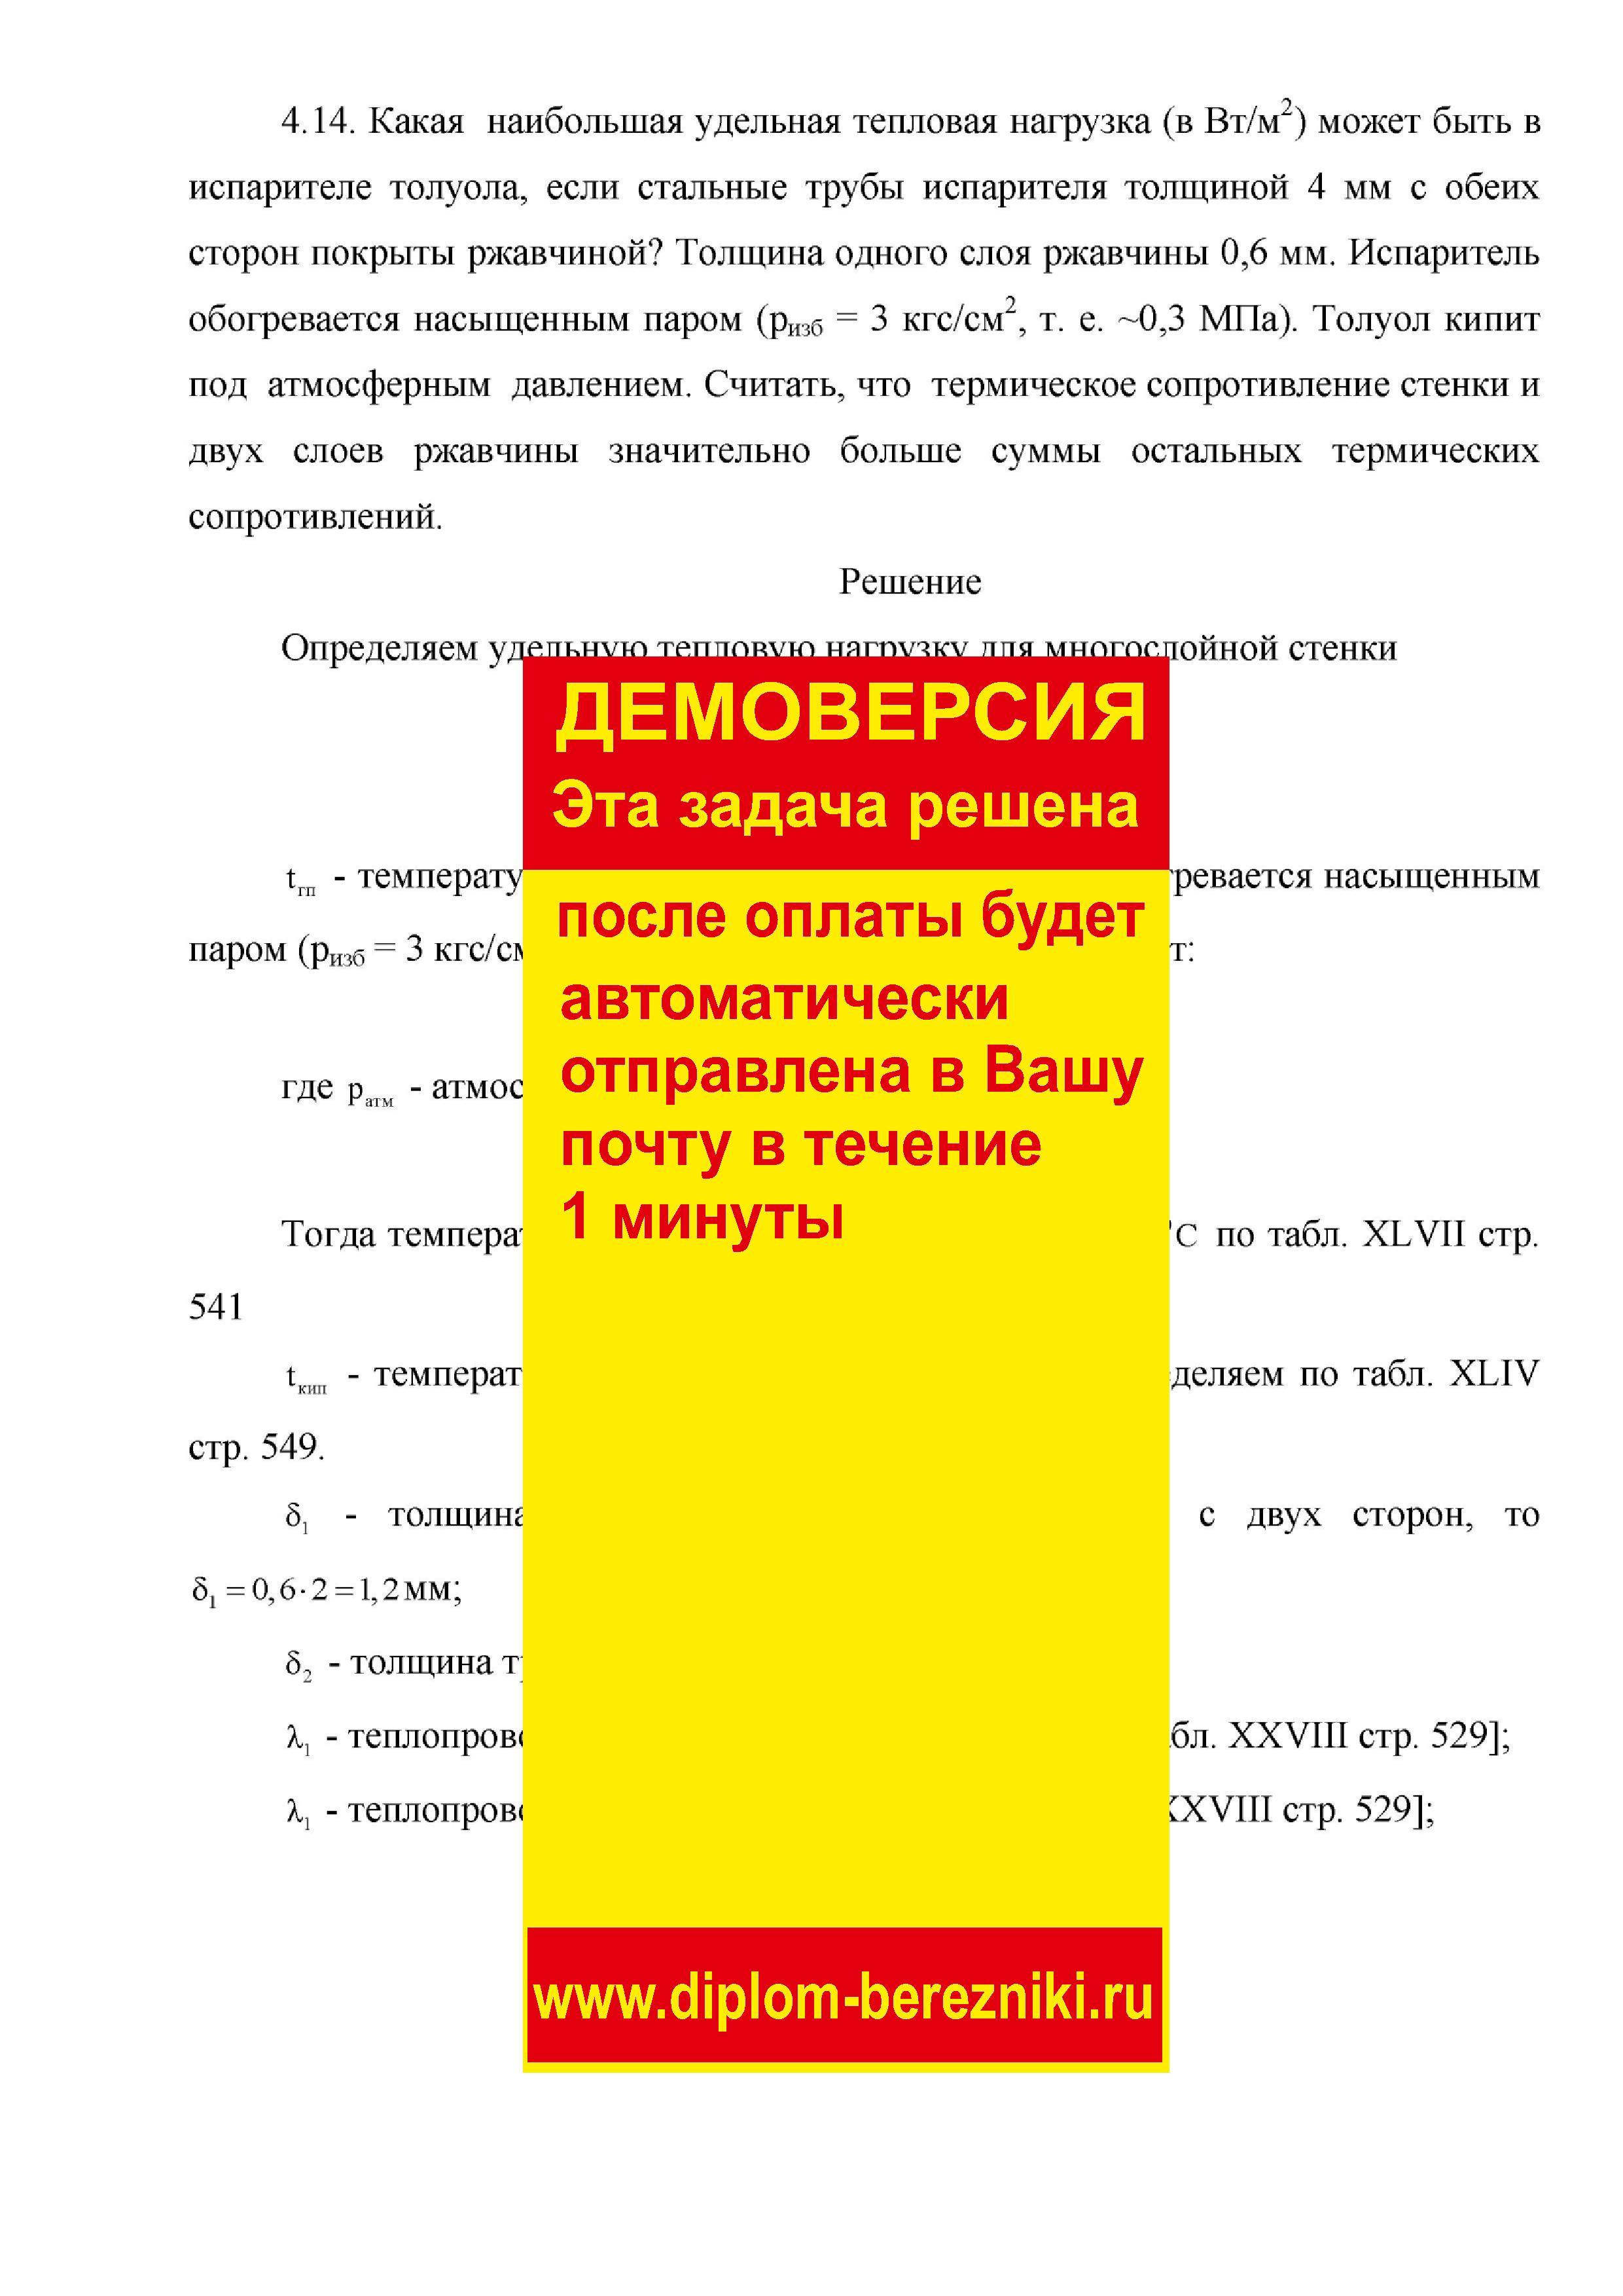 Решение задачи 4.14 по ПАХТ из задачника Павлова Романкова Носкова